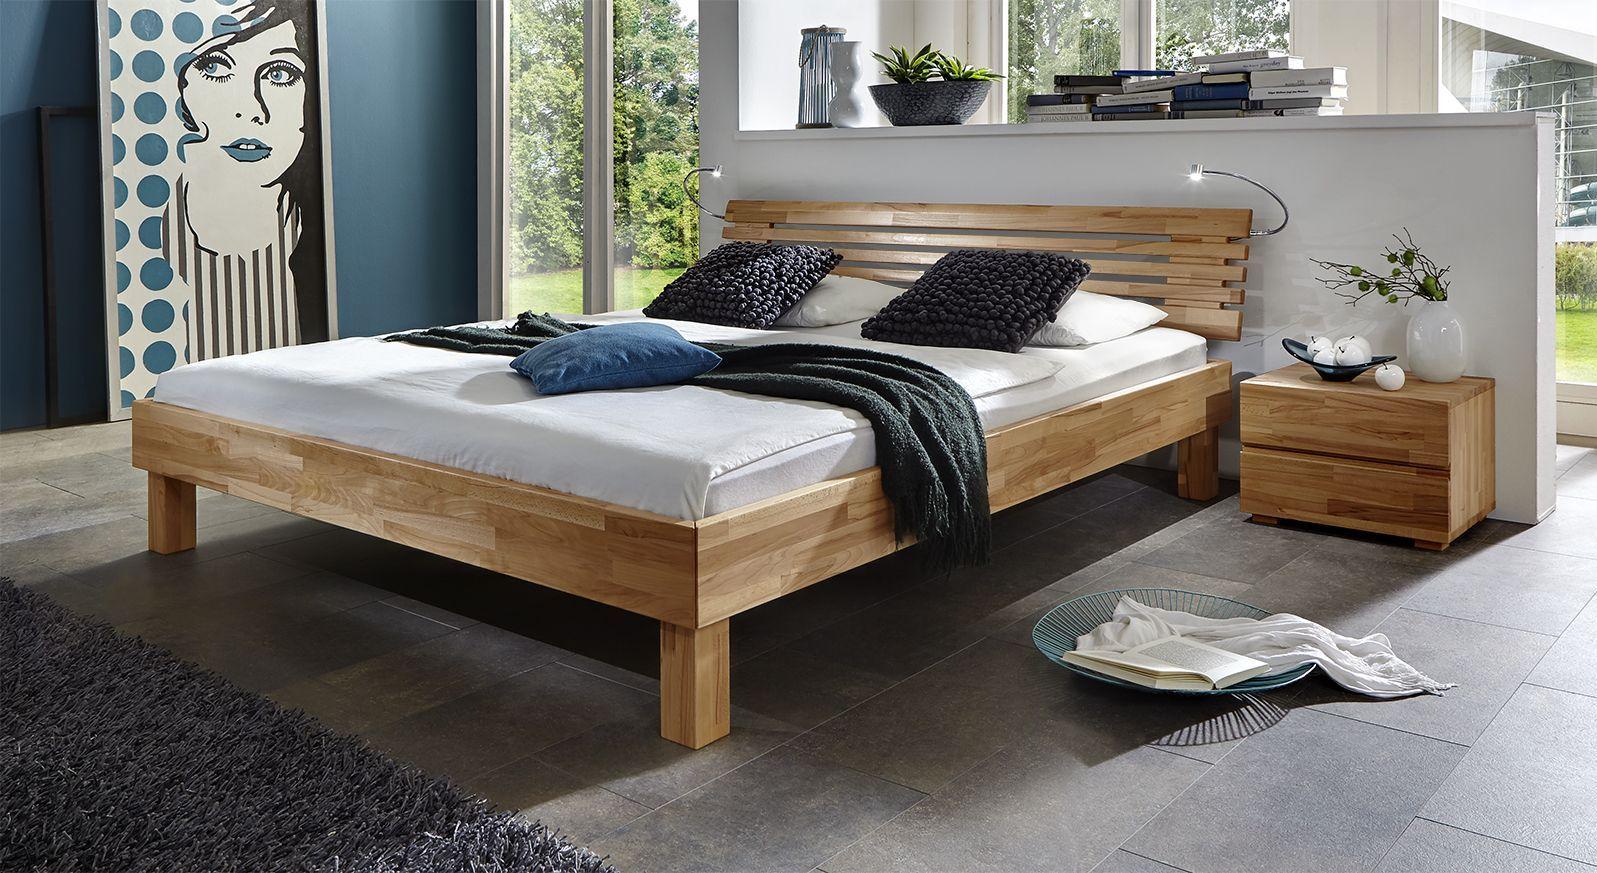 Doppelbett Livenza aus massivem Kernbuchenholz